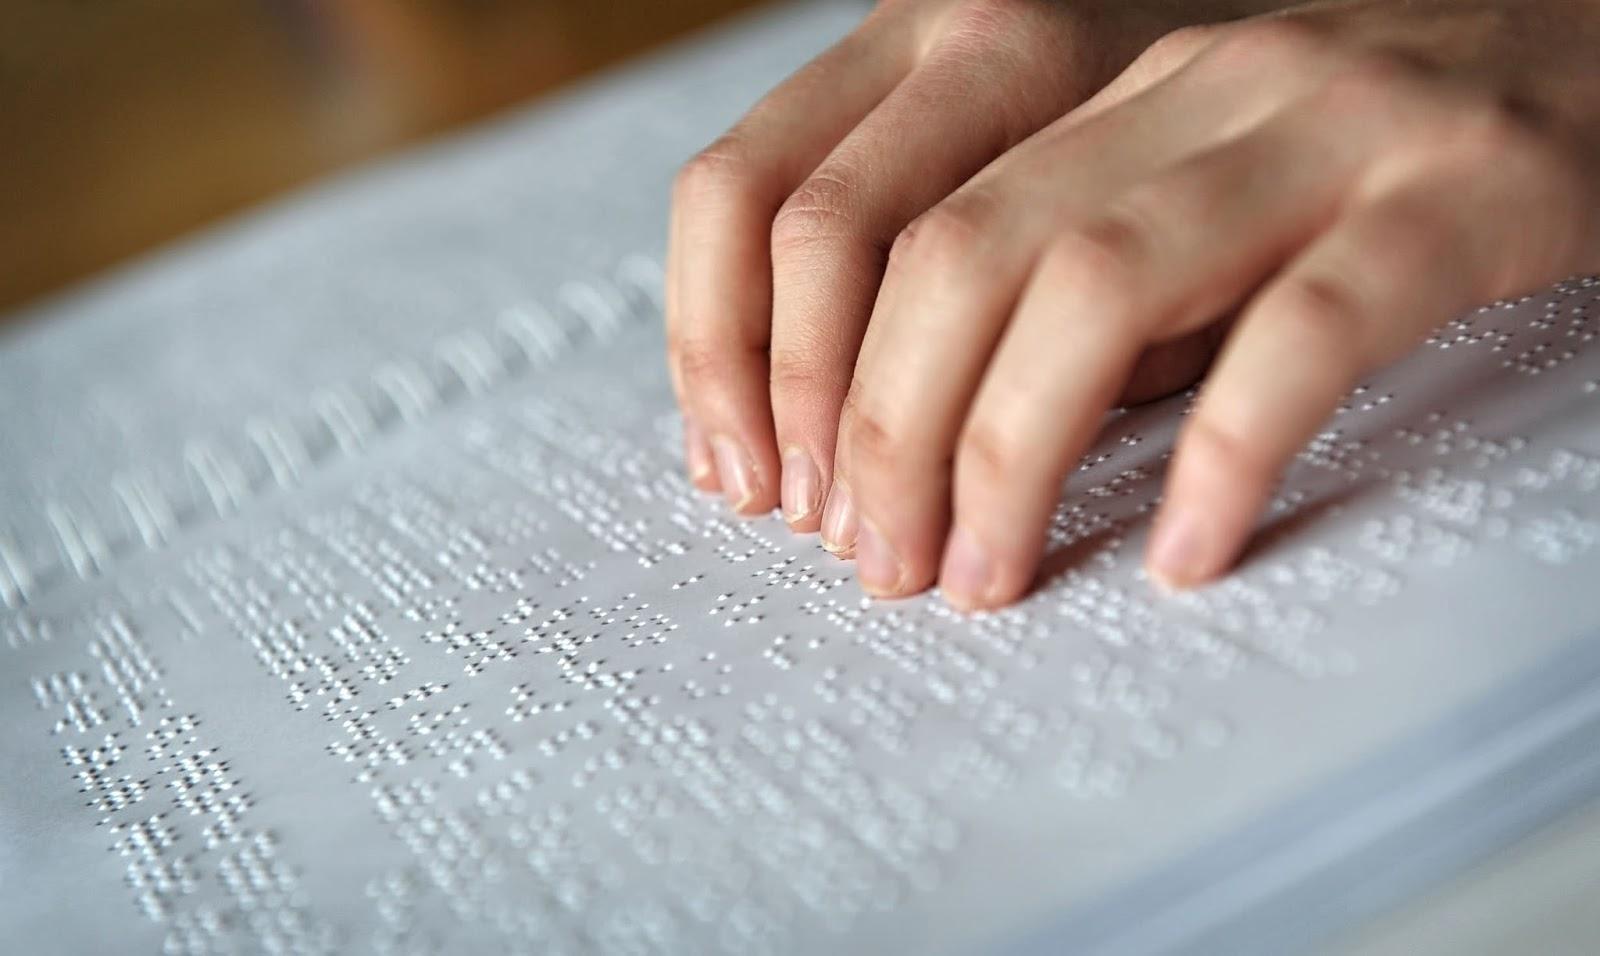 El braille tiene un nuevo método en su alfabetización